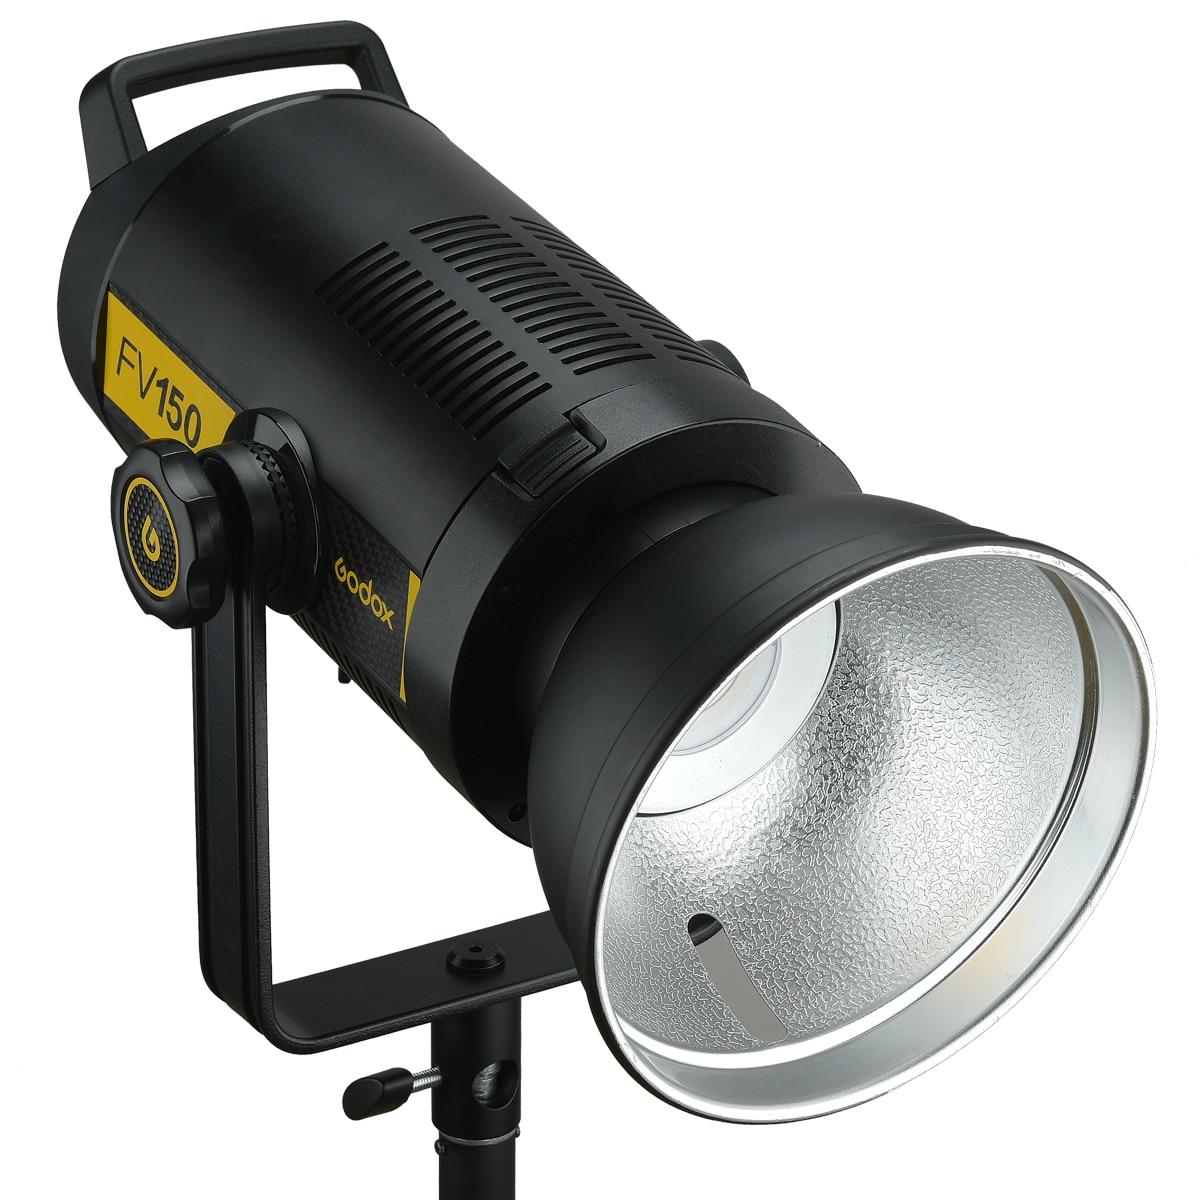 Image 4 - Godox FV150 150 Вт FV200 200 Вт высокоскоростной синхронизационный светодиодный светильник со встроенным беспроводным приемником 2,4G + пульт дистанционного управления Xpro GodoxФотографическое освещение    АлиЭкспресс